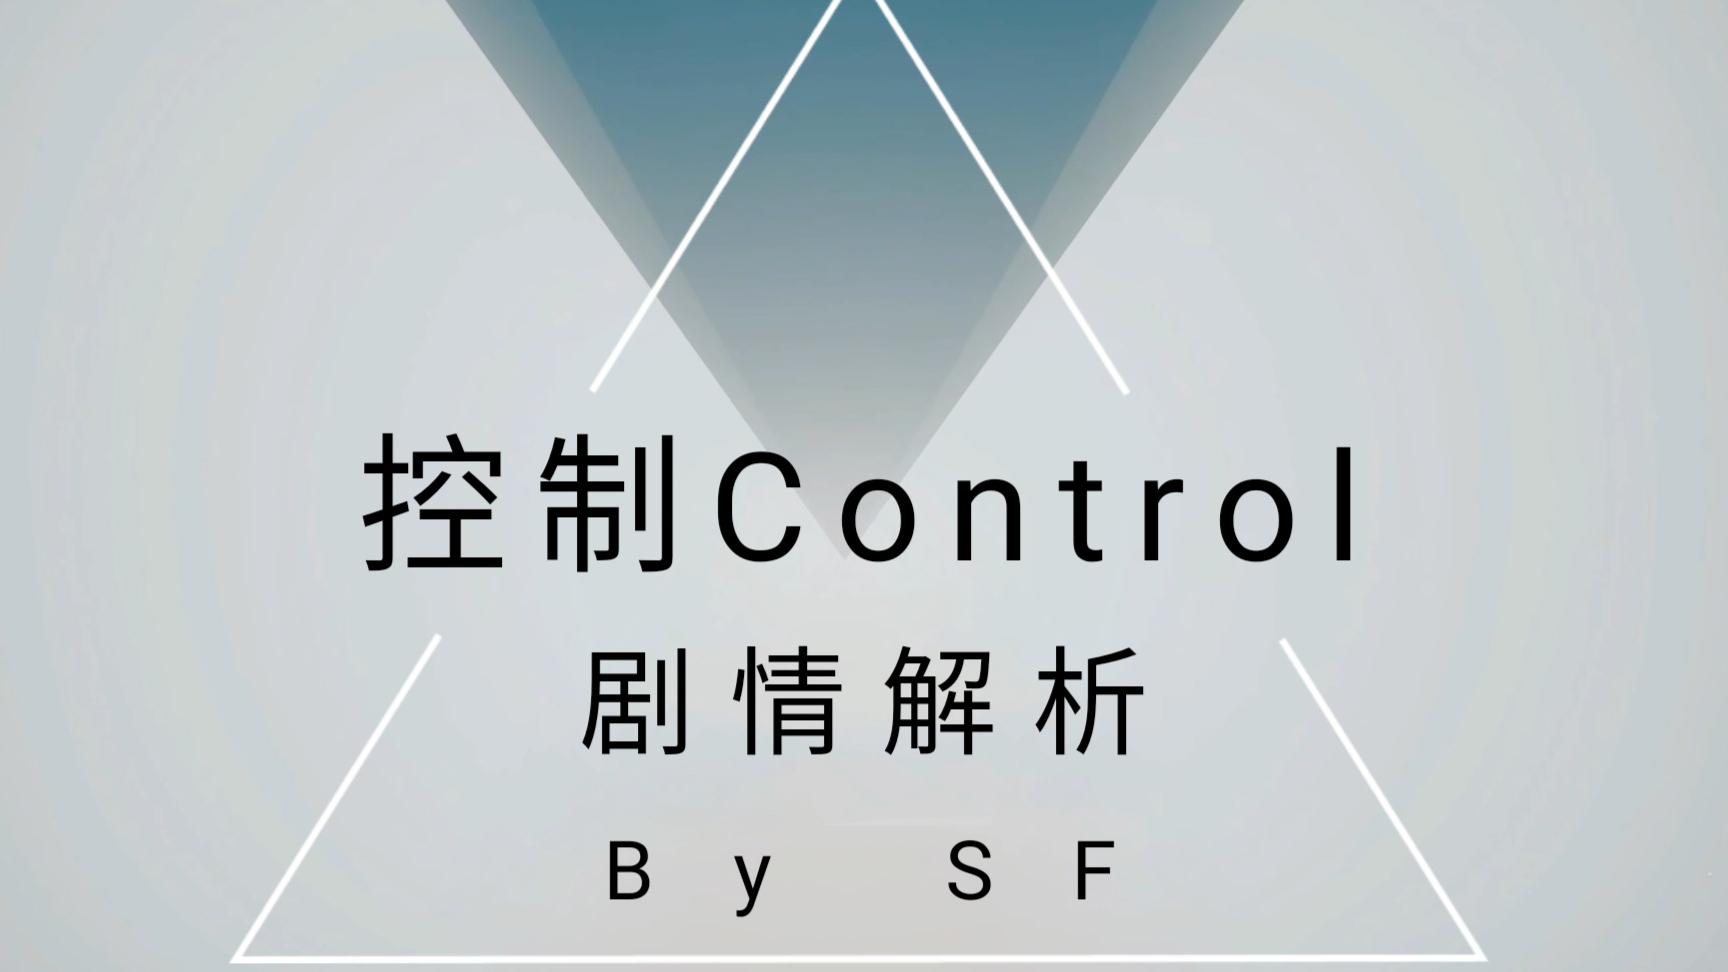 控制剧情解析视频